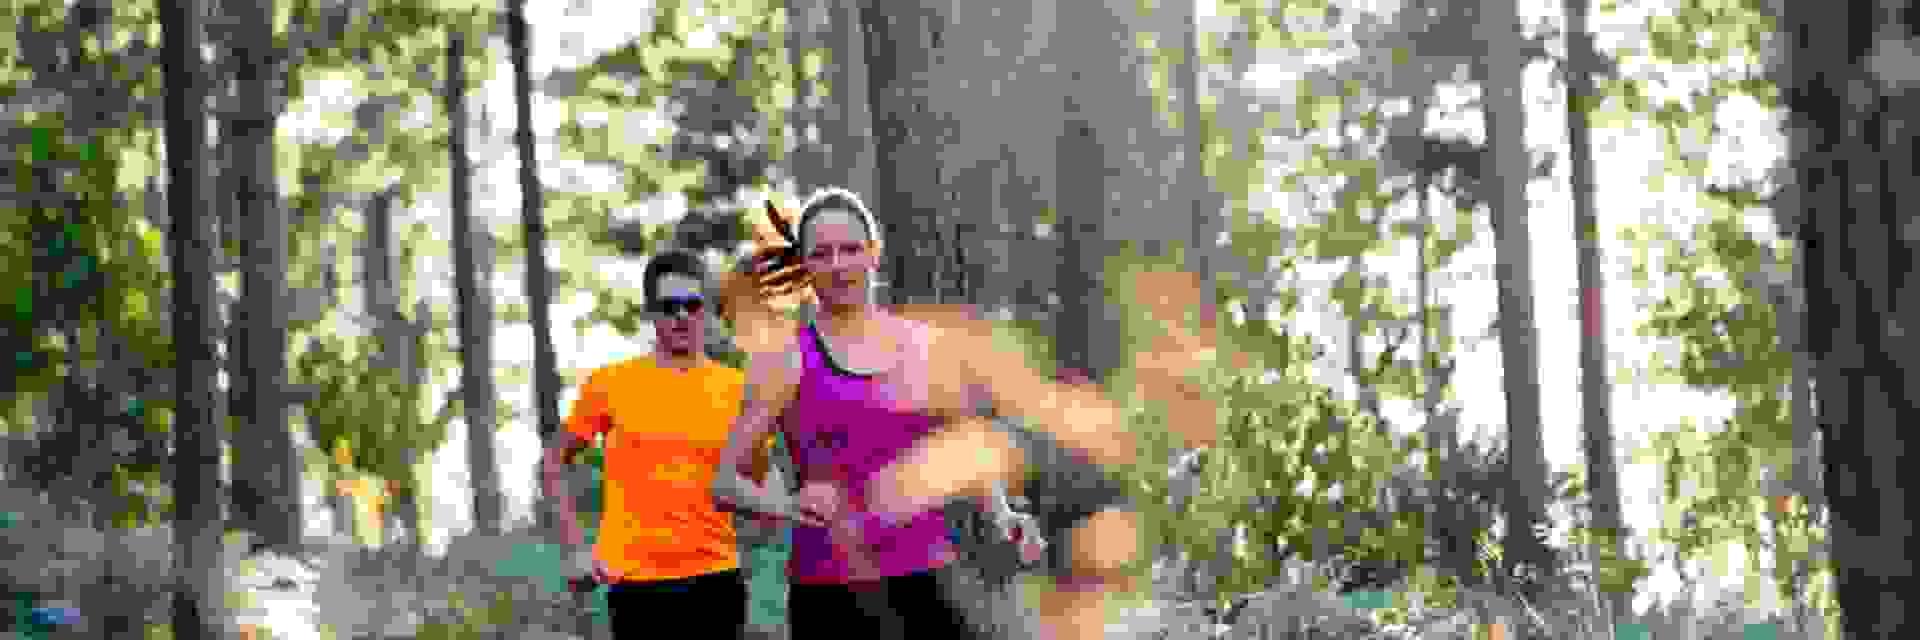 Ein Mann und eine Frau beim Trailrunning im Wald.